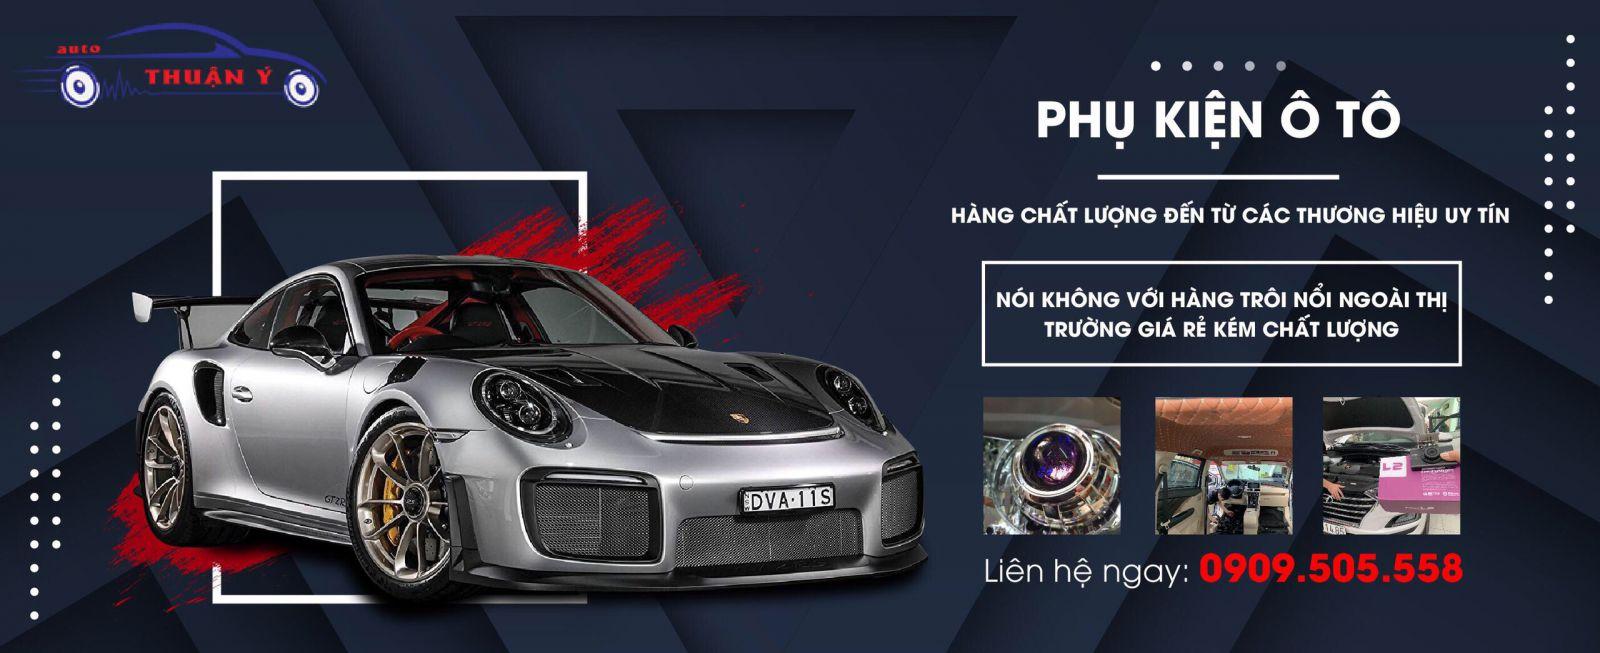 phu-kien-o-to-chinh-hang-mien-trung